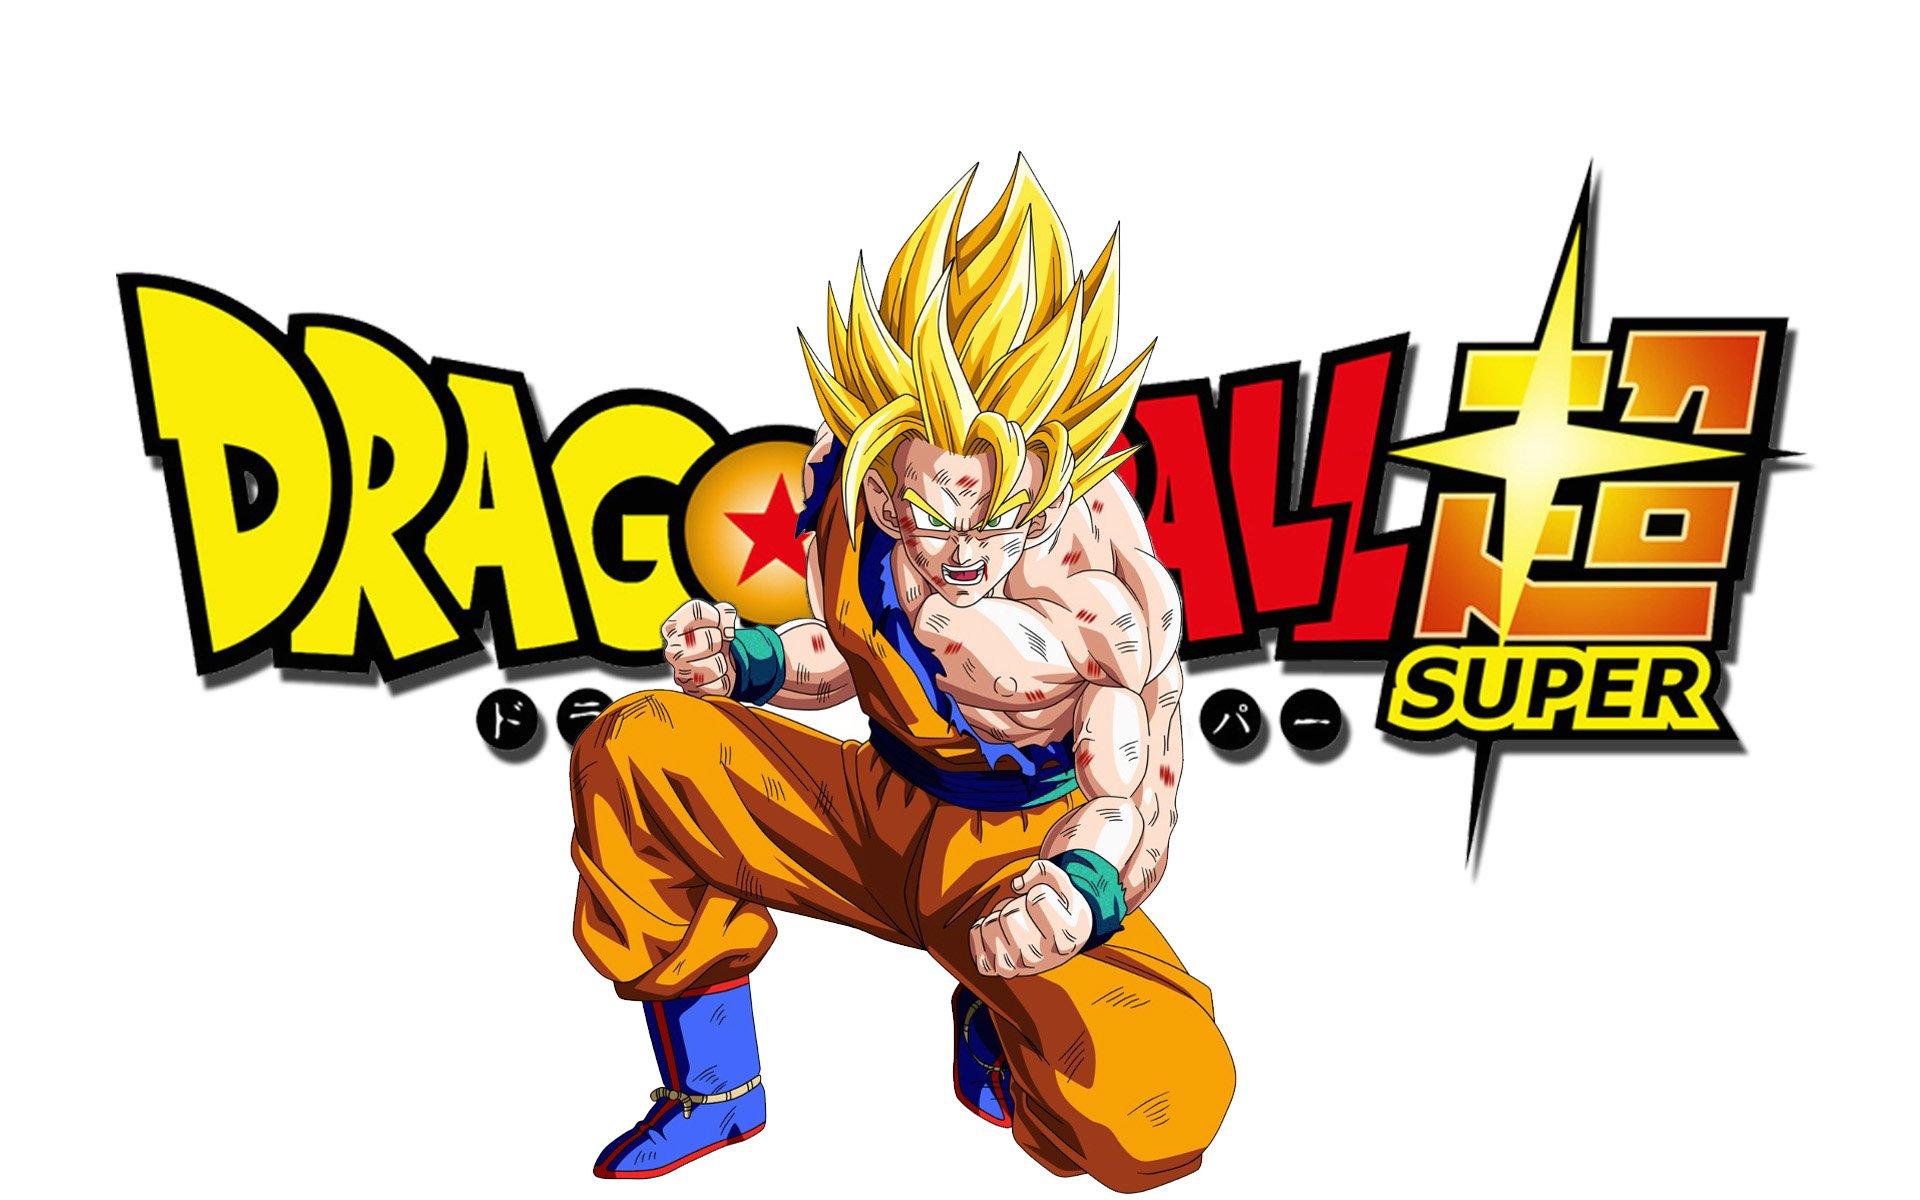 Goku And Vegeta Full Hd Fondo De Pantalla And Fondo De: Goku Full HD Fondo De Pantalla And Fondo De Escritorio